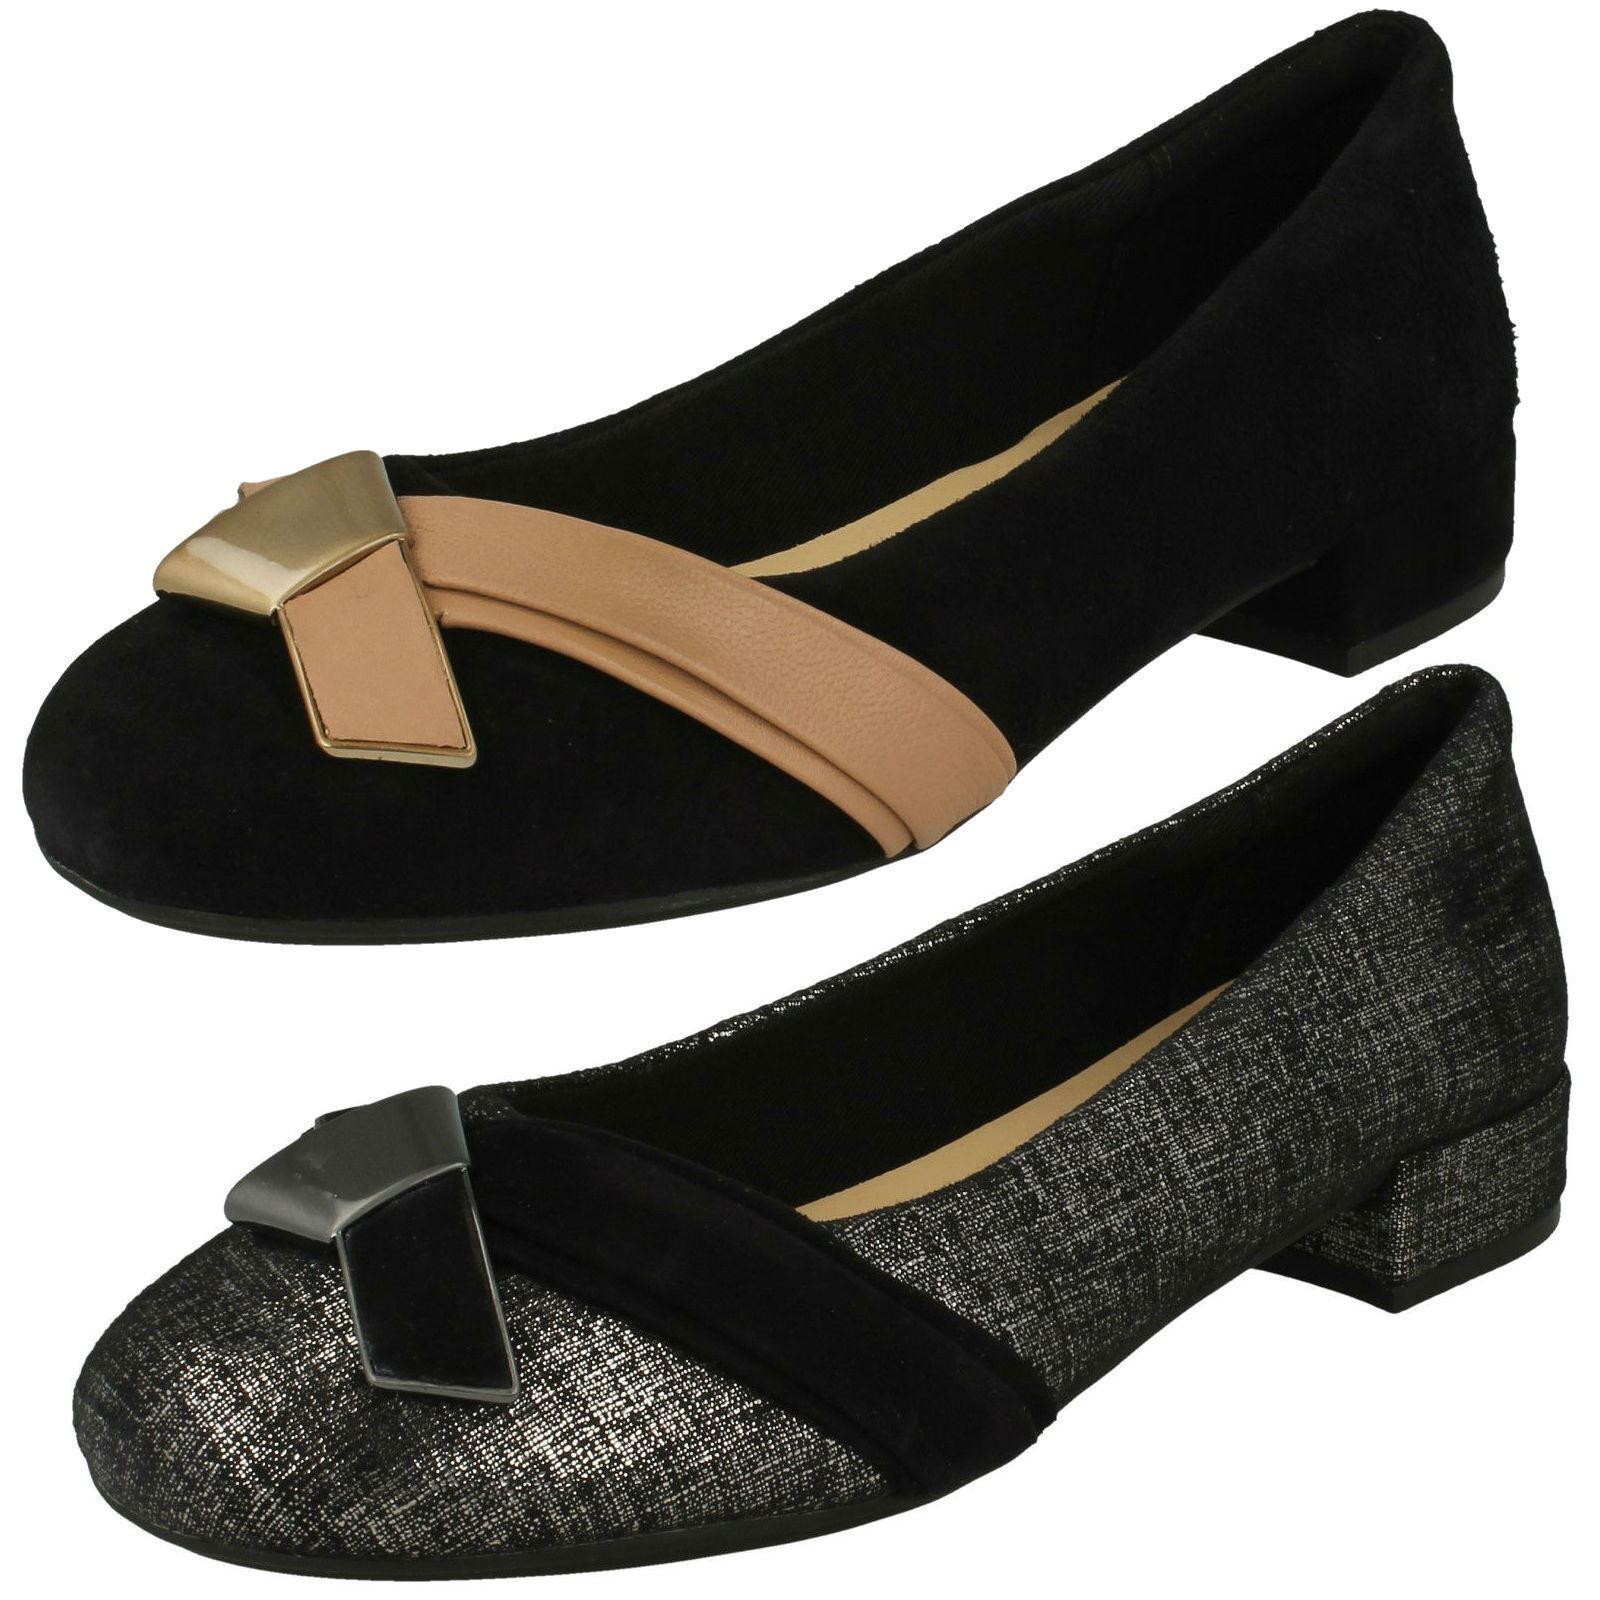 Clarks Damen Slipper & 039;Rosabella Mond& 039;